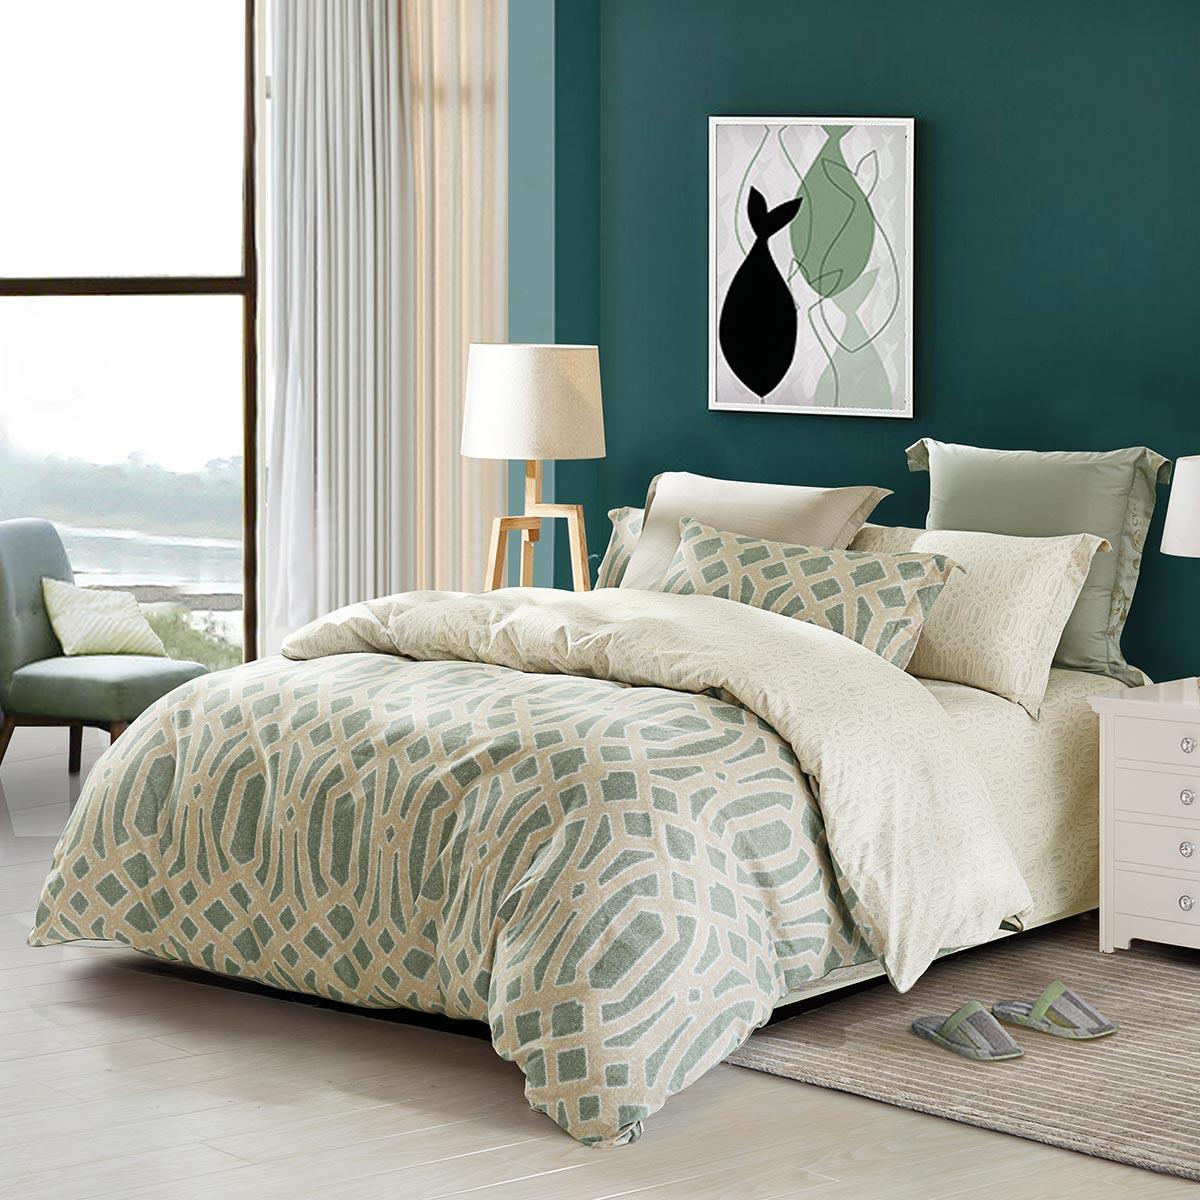 水星家纺纯棉磨毛四件套全棉加厚秋冬床上用品绿条纹欧式简约床品淘宝购物优惠券